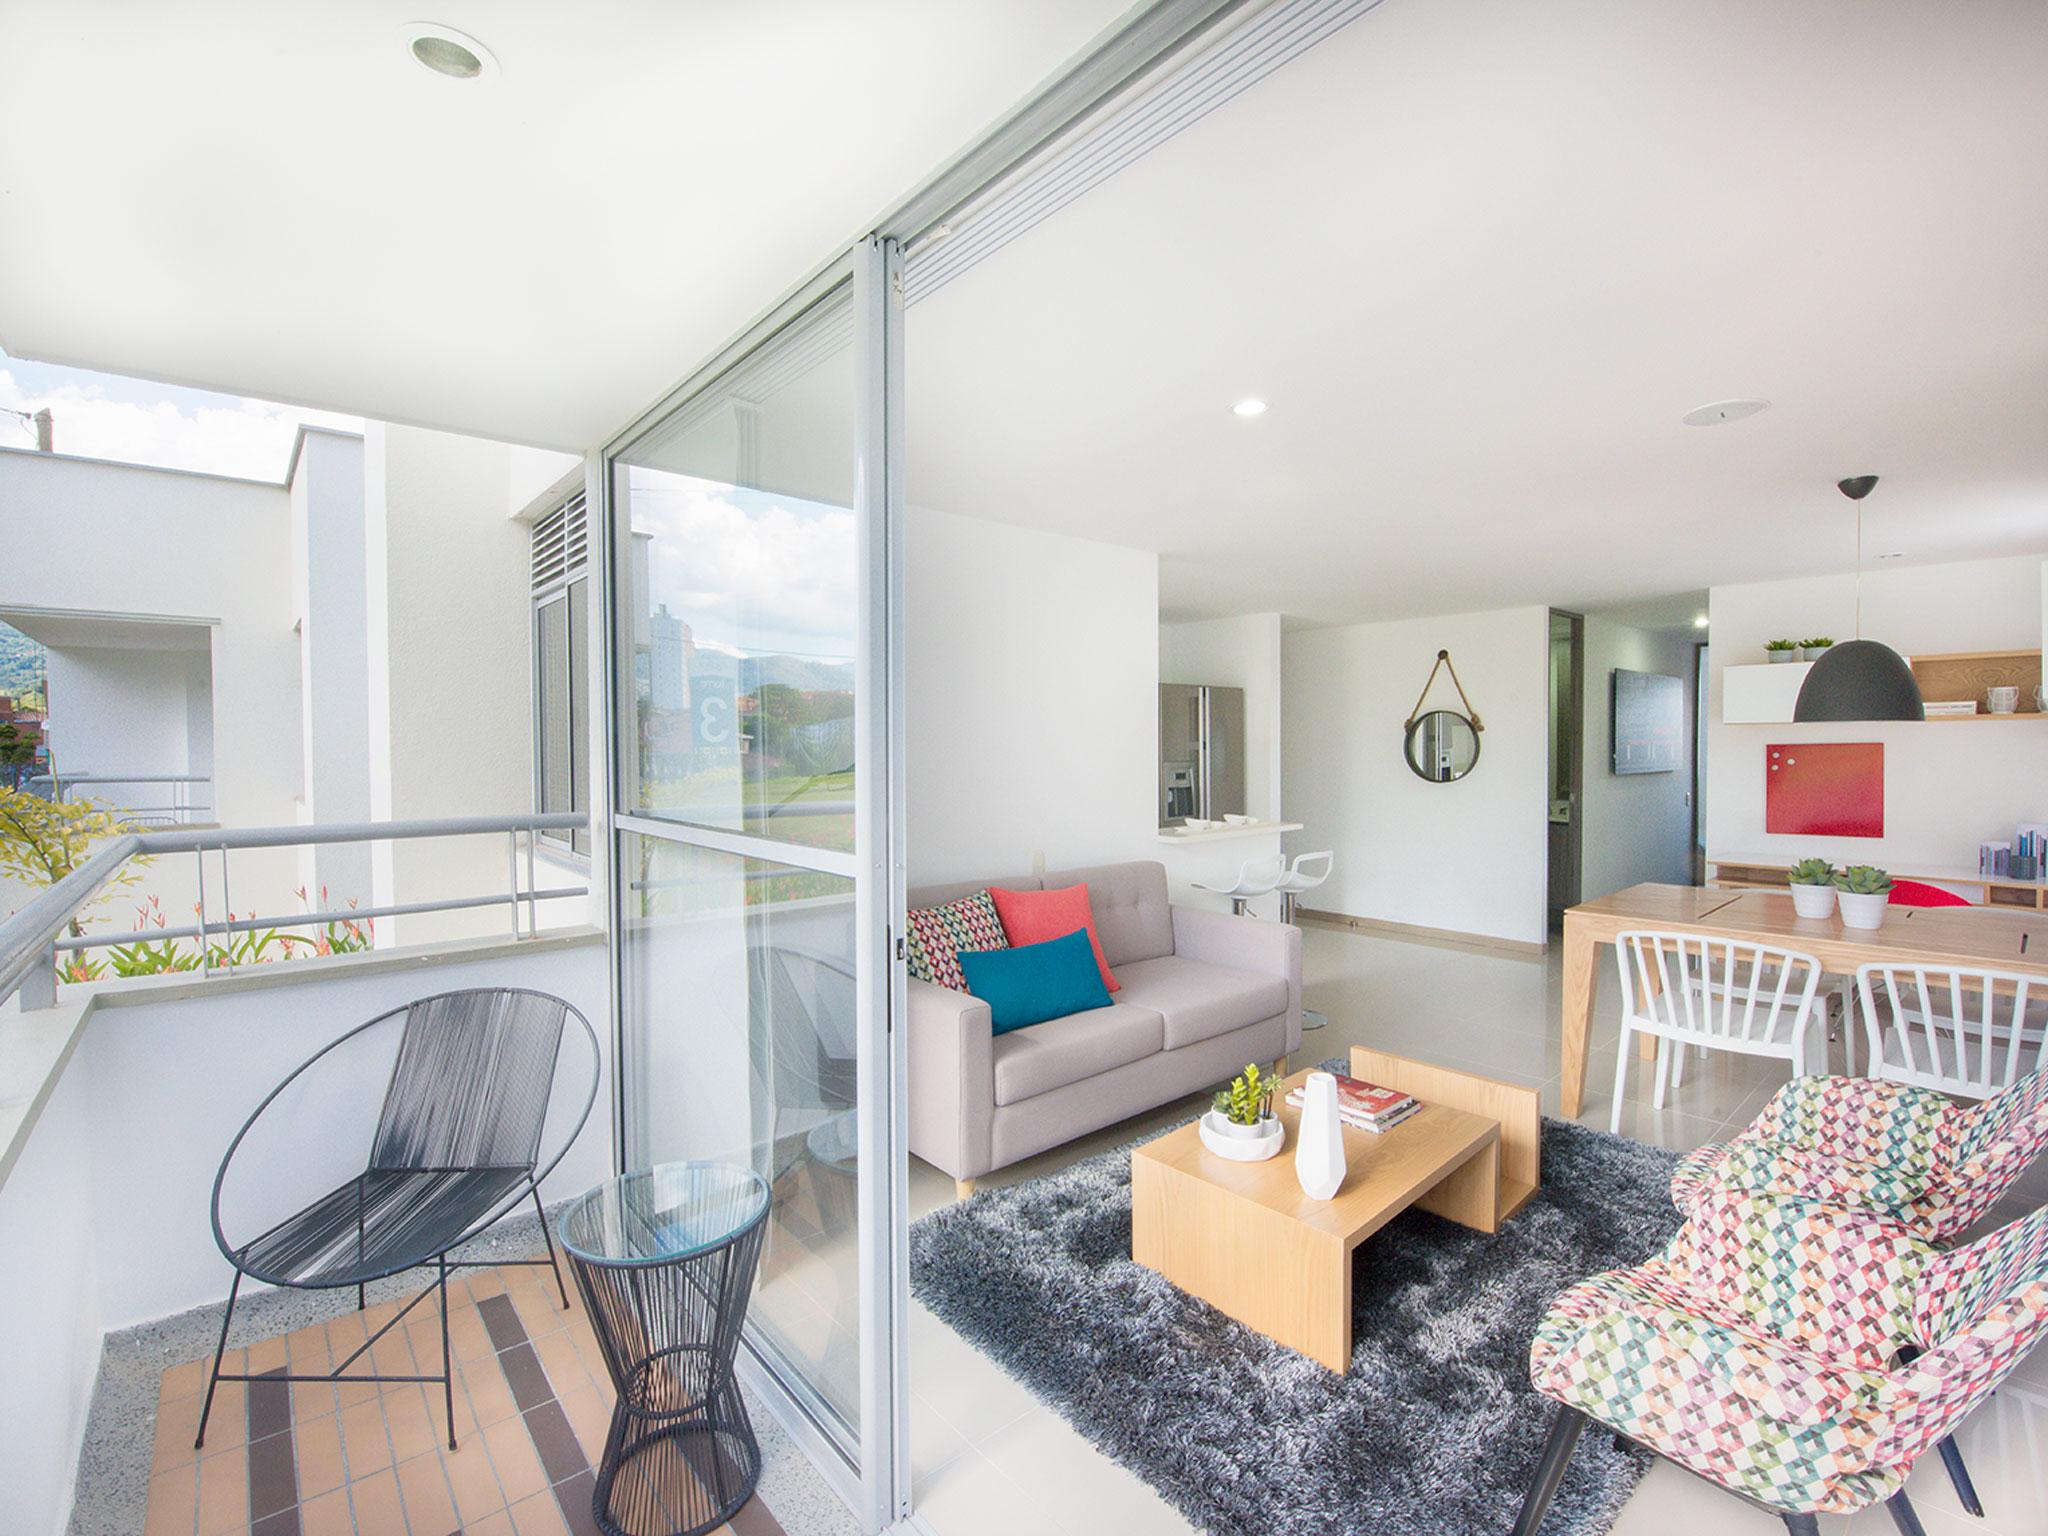 Apartamentos En Itag Bah A Grande Un Nuevo Proyecto Para La  # Muebles Medellin Itagui